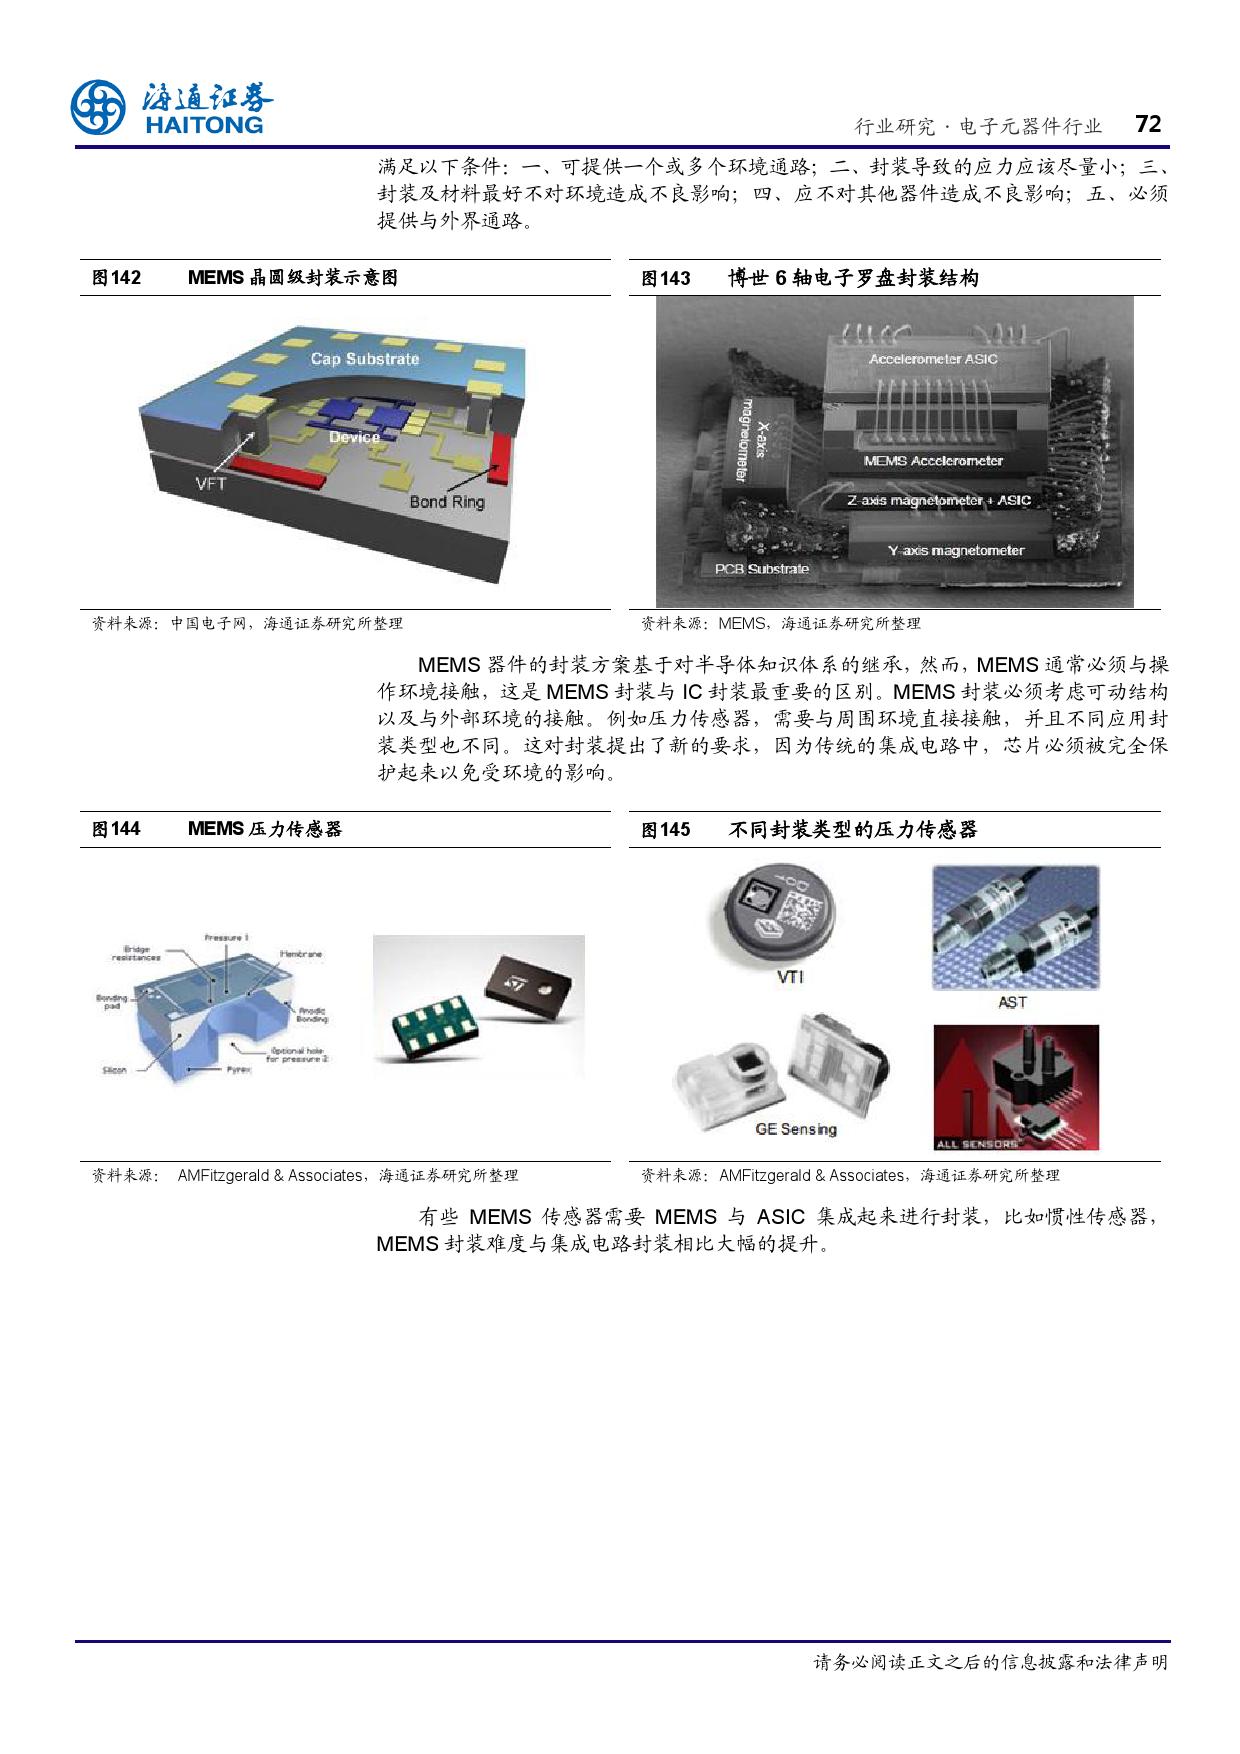 报告全解传感器全球产业链_000072